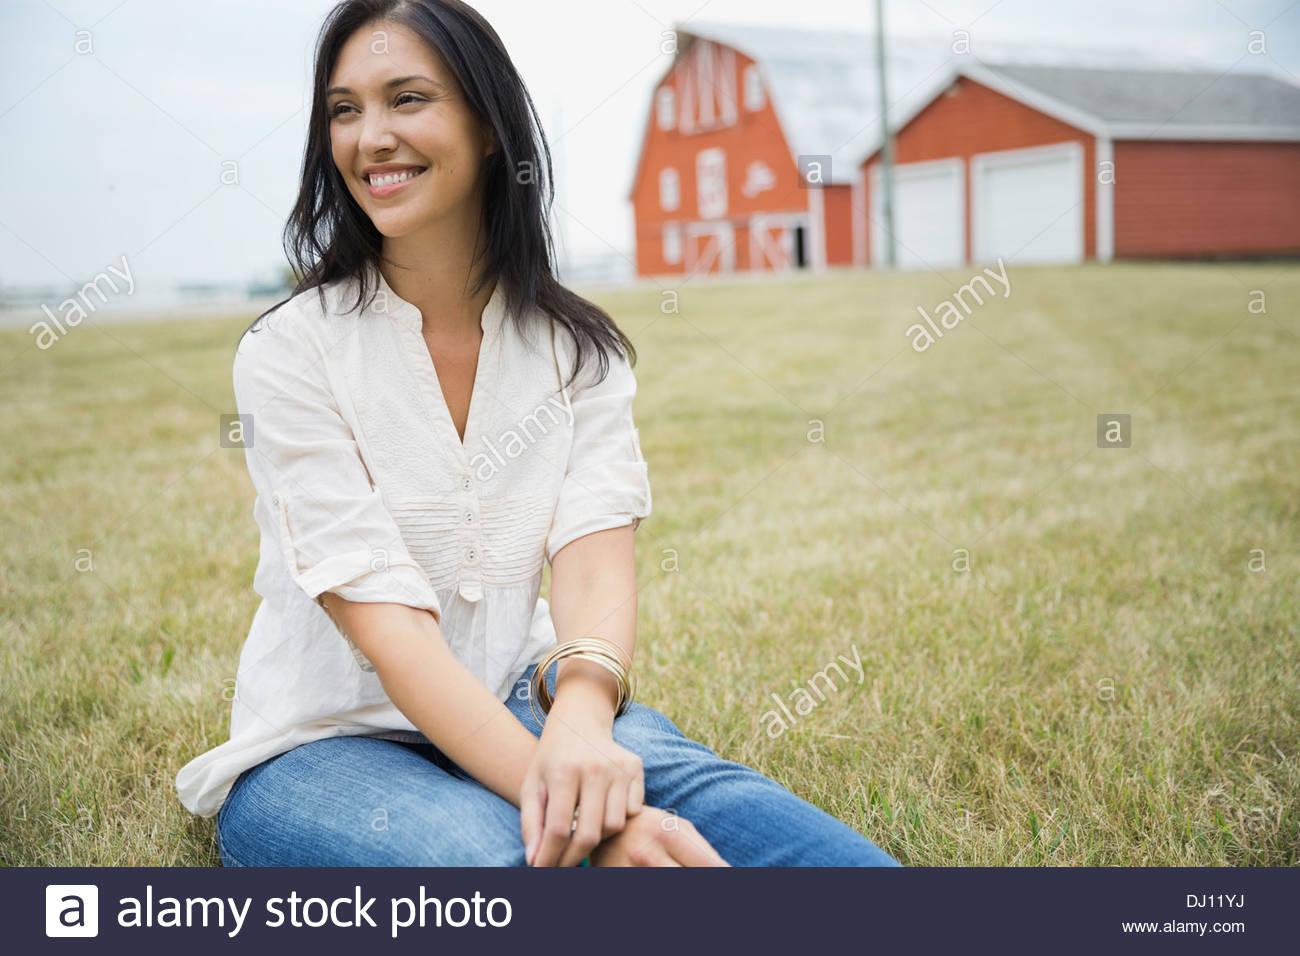 Mujer sonriente sentados al aire libre Imagen De Stock